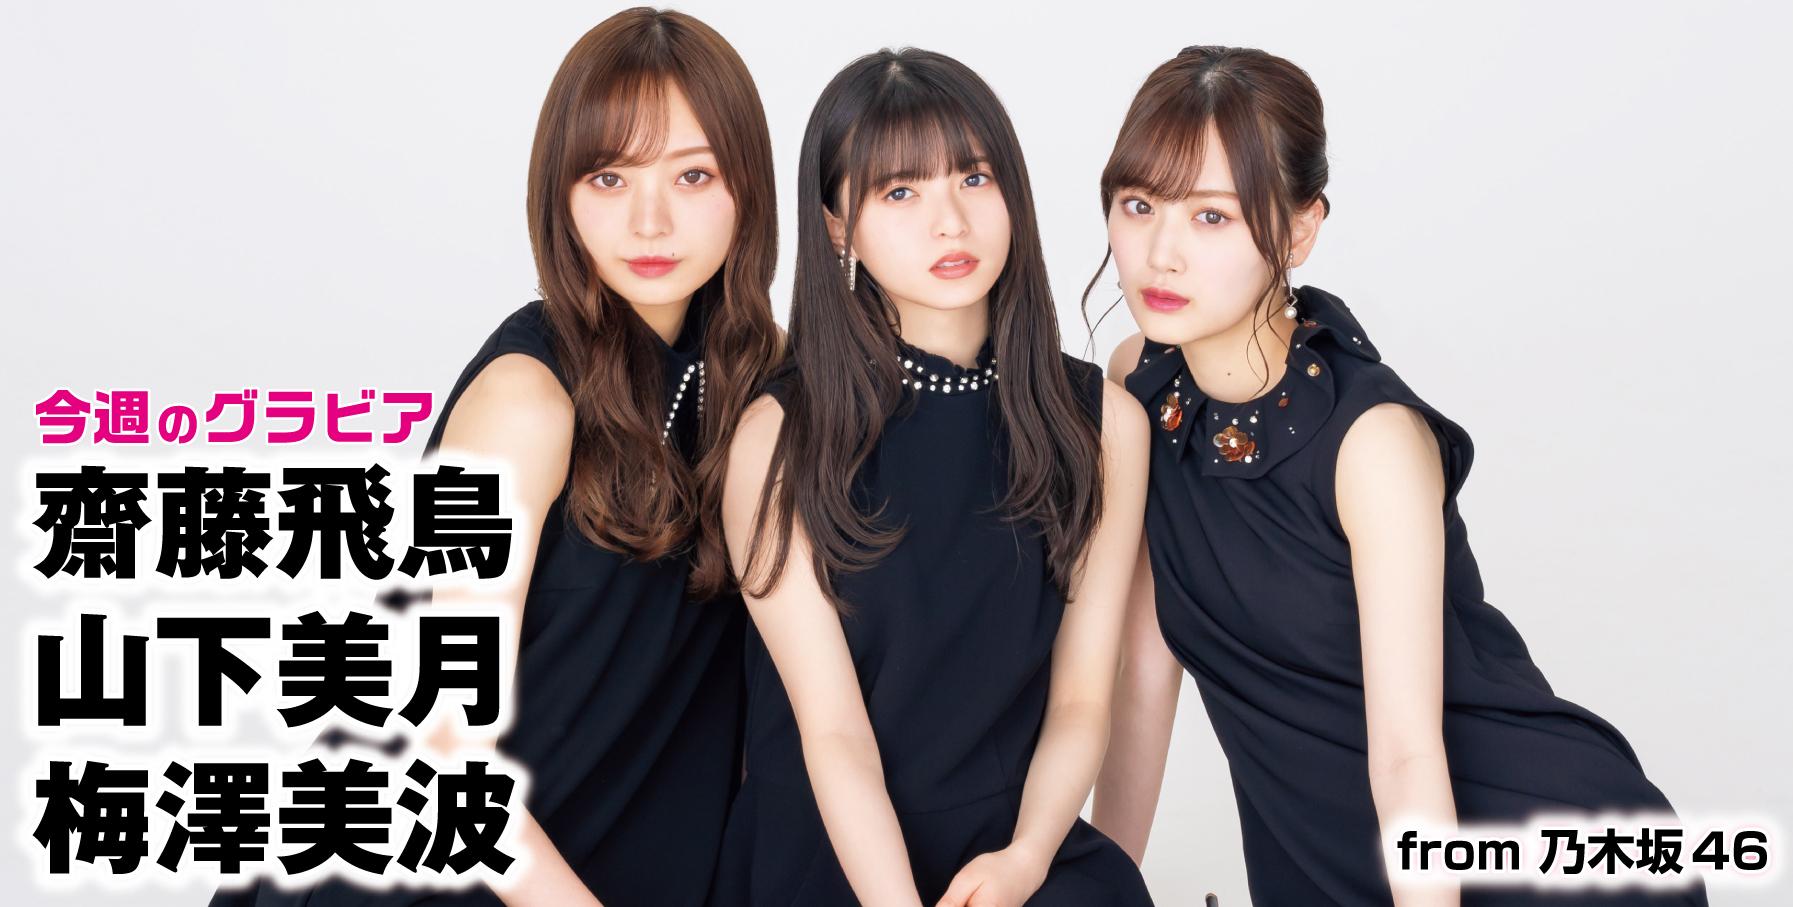 ビッグコミックスピリッツ2 齋藤飛鳥 山下美月 梅澤美波